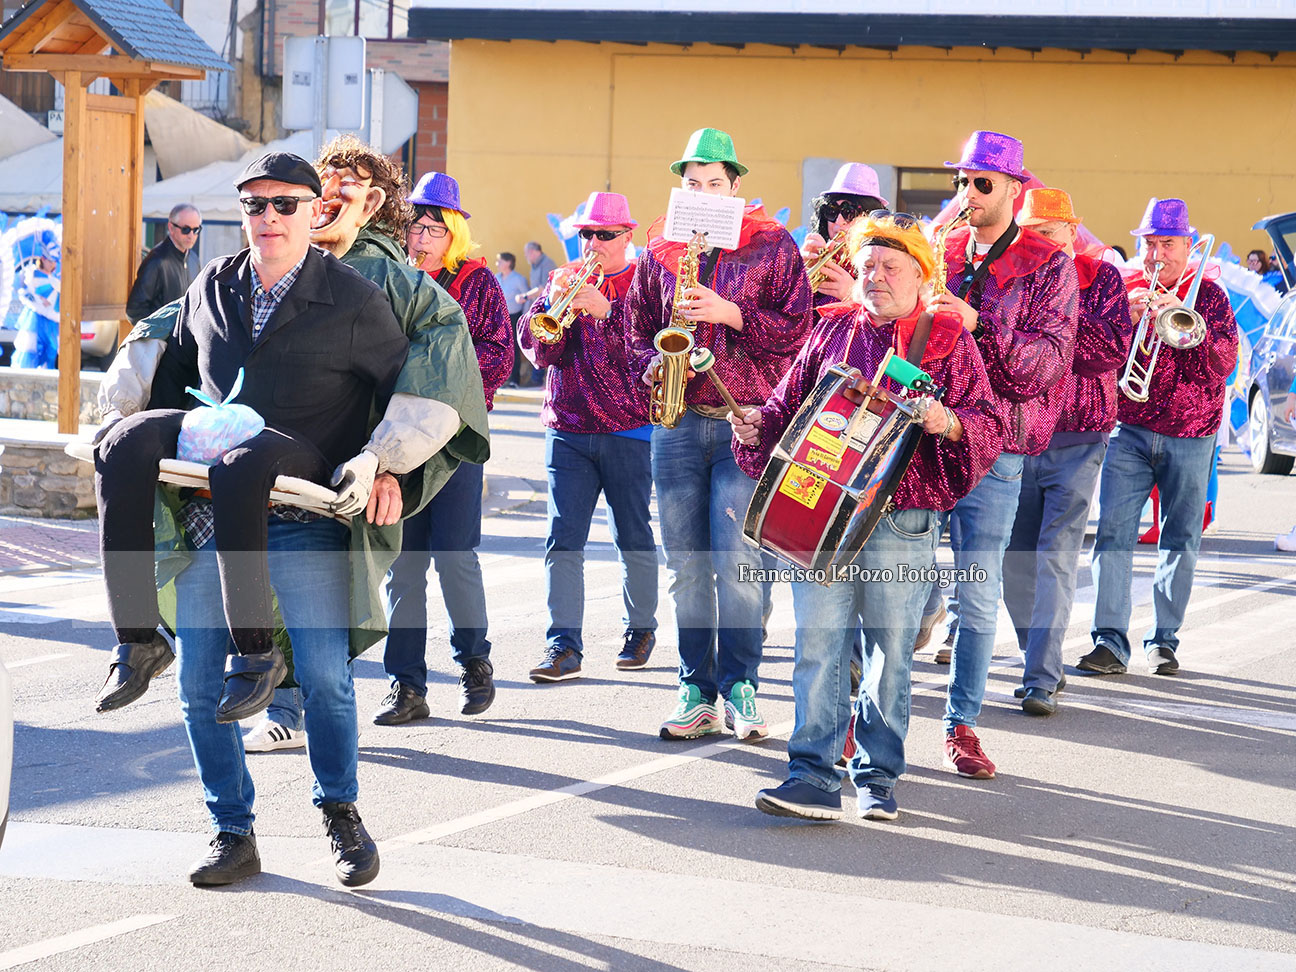 Carnaval 2020: Camponaraya sale a la calle a ritmo de comparsa 118